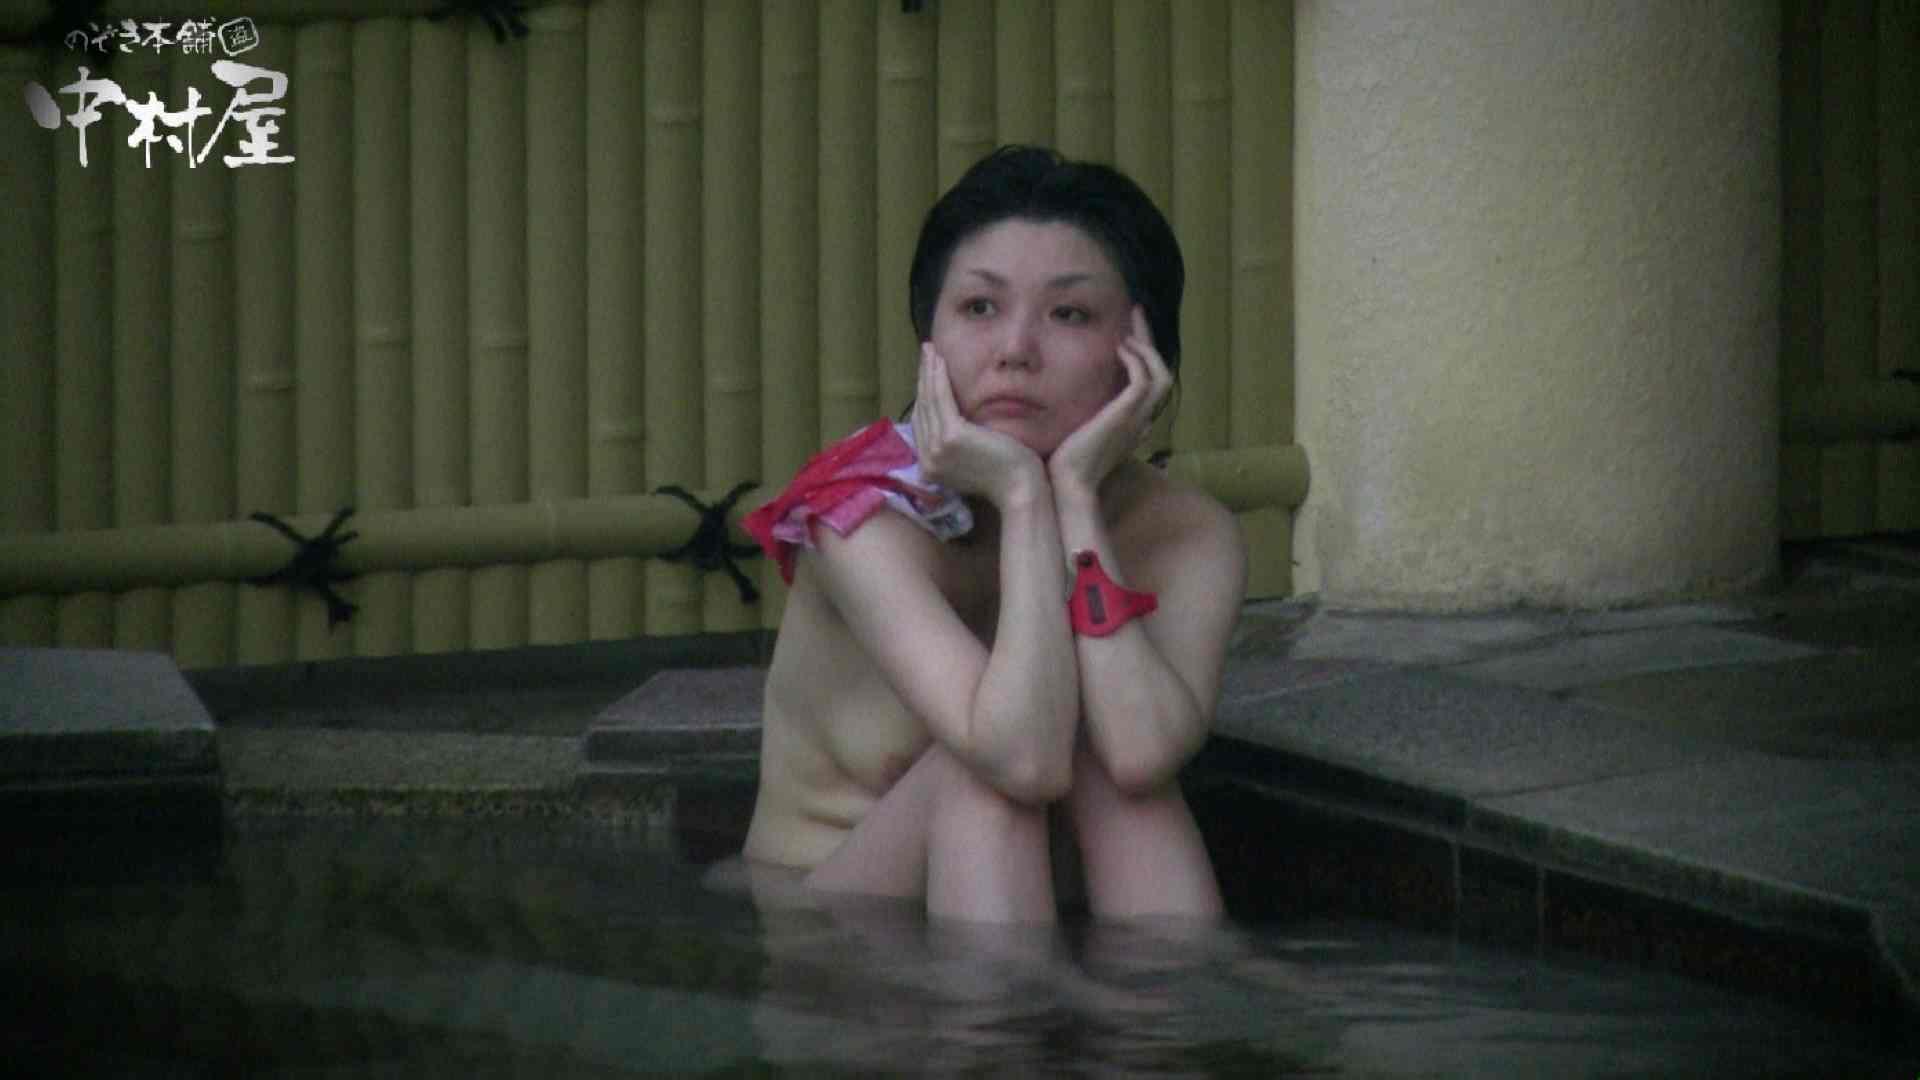 Aquaな露天風呂Vol.884 盗撮特集 | 露天  66画像 66